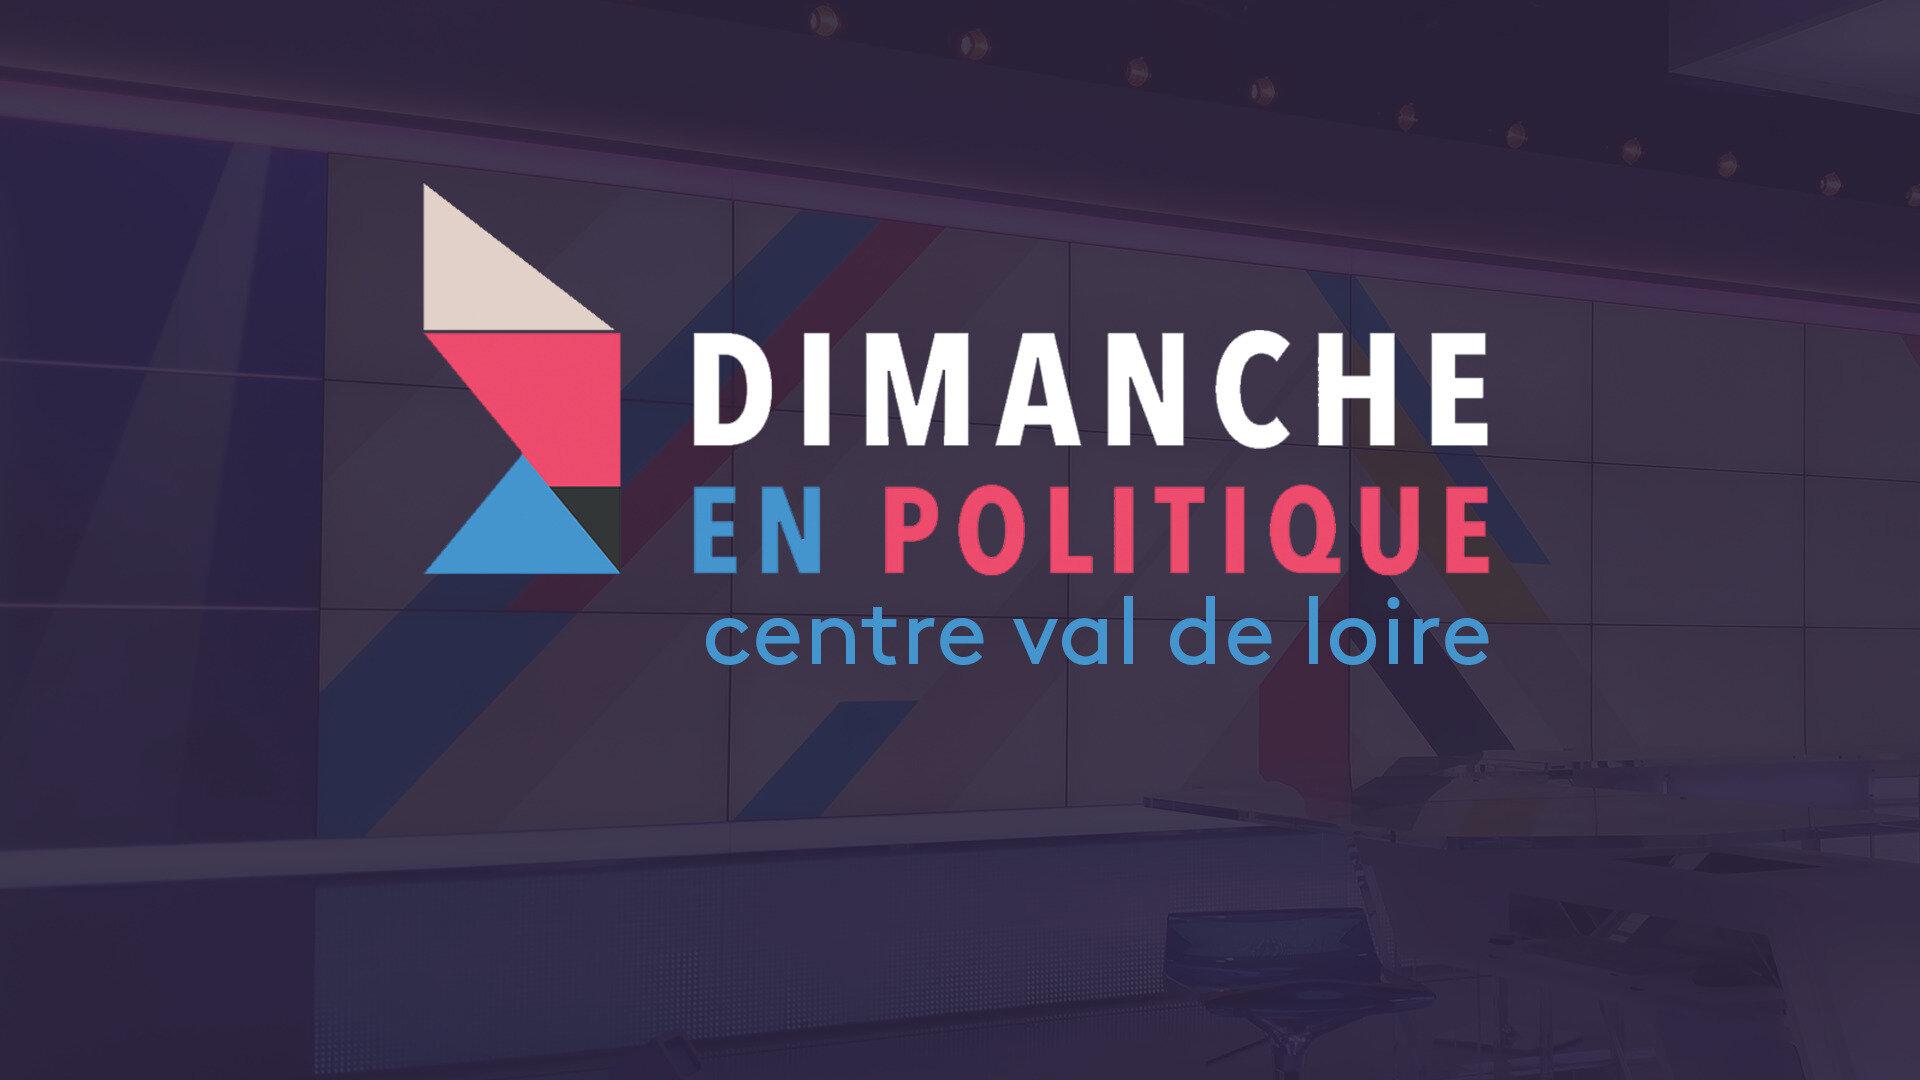 Dimanche en politique - Centre-Val de Loire